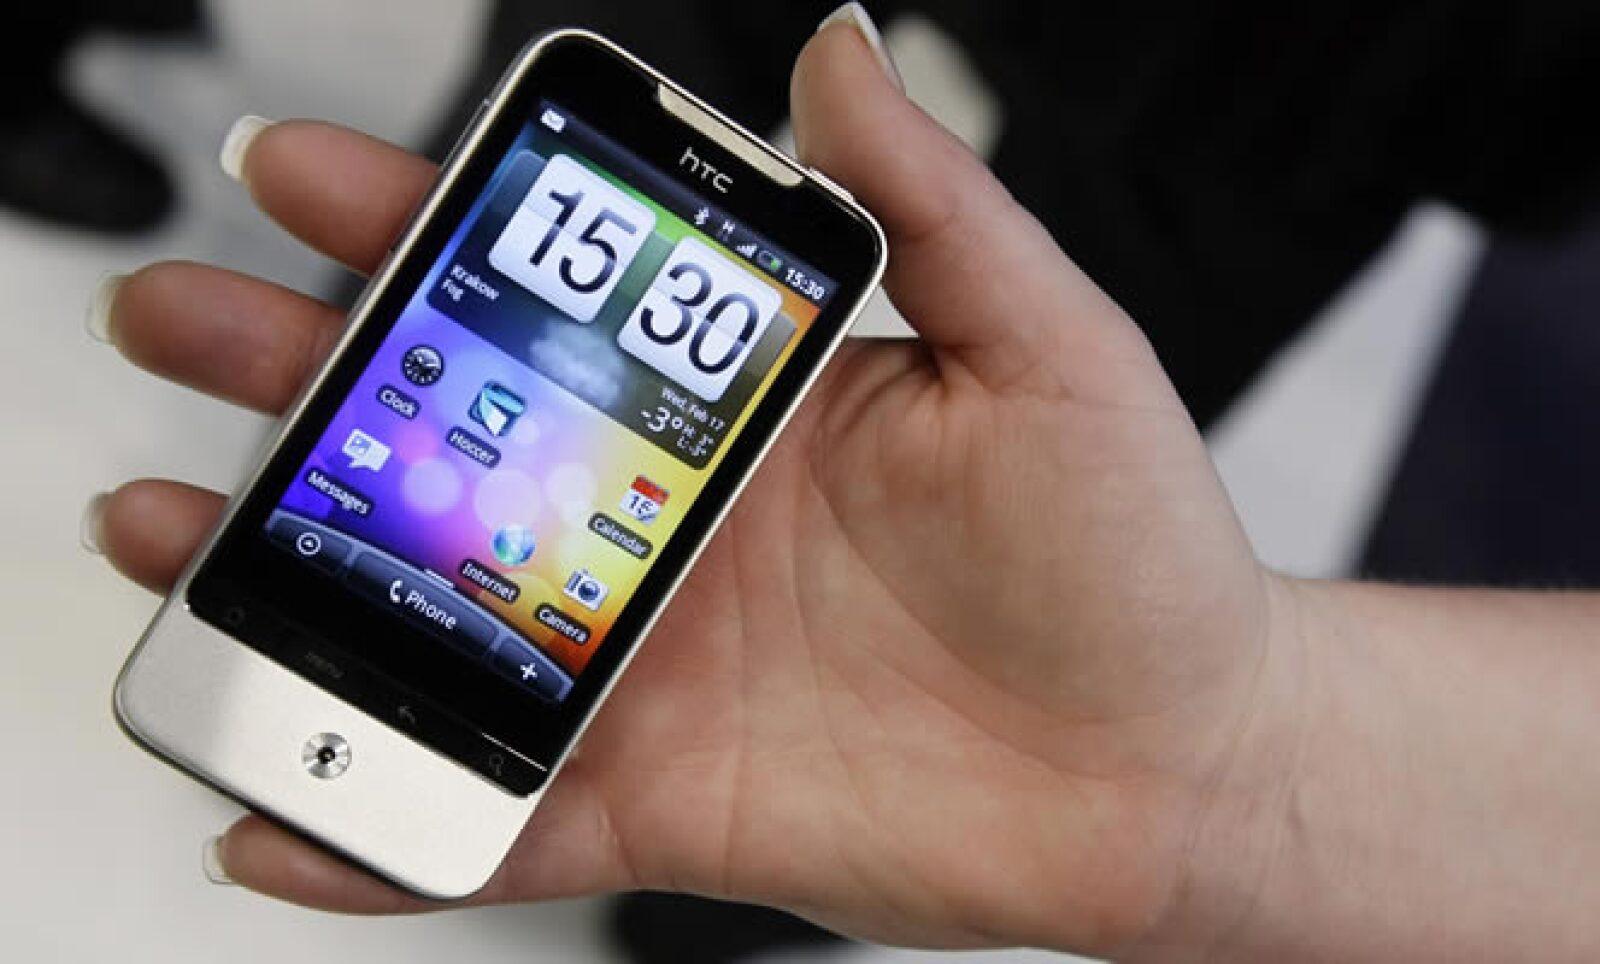 La compañía taiwanesa de teléfonos móviles, HTC, mostró el que será rival del Nexus One de Google. El celular lleva el nombre de Legend y usa el sistema operativo Android de la tecnológica Google.